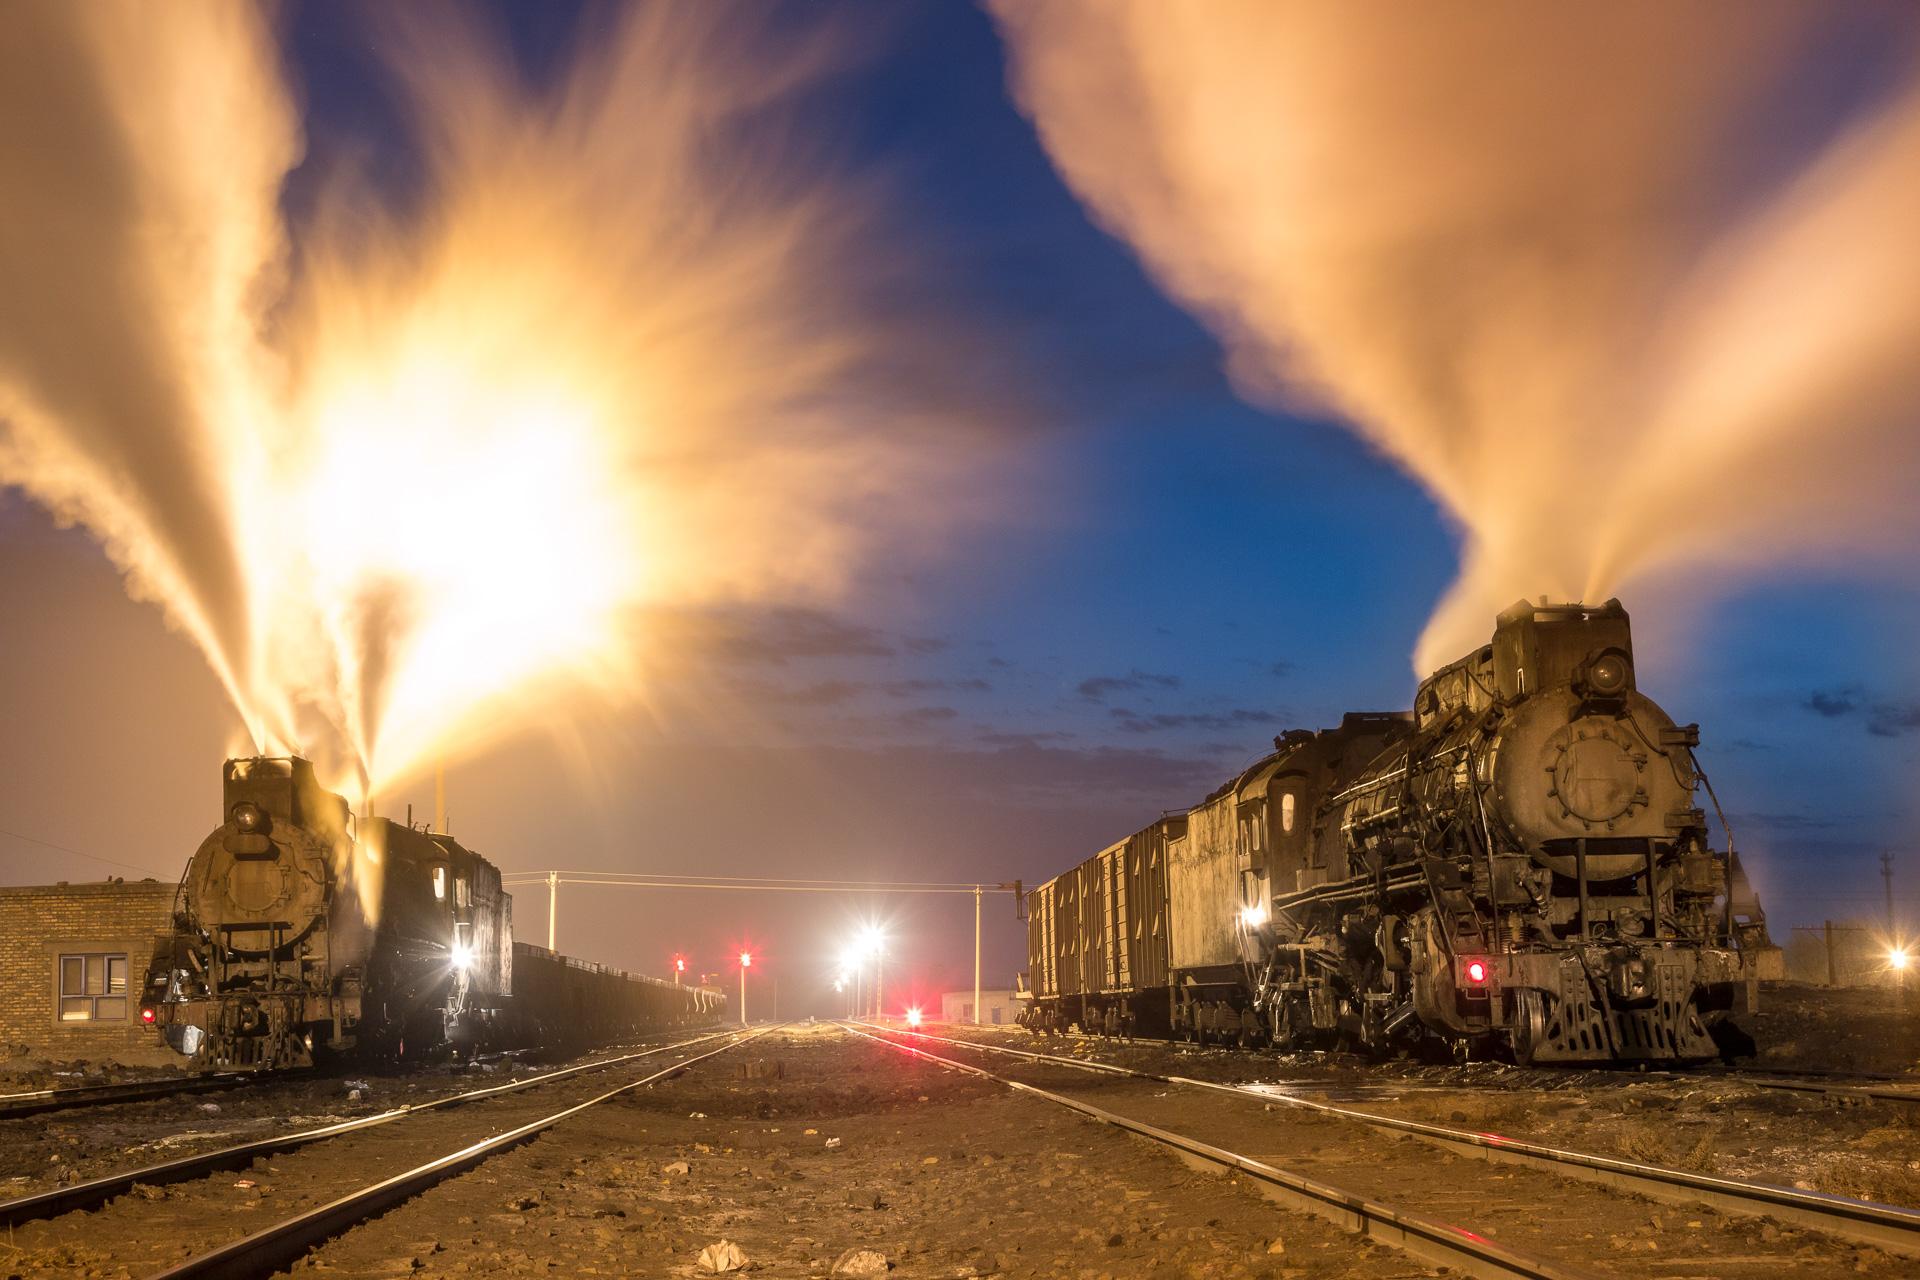 Vor Sonnenaufgang treffen sich zwei Lokomotiven der  JS  Klasse in Dongbolizhan, Provinz Xinjiang. Die Dezemberkälte von minus 20 Grad lässt die Dampfwolken weit in den Himmel steigen.